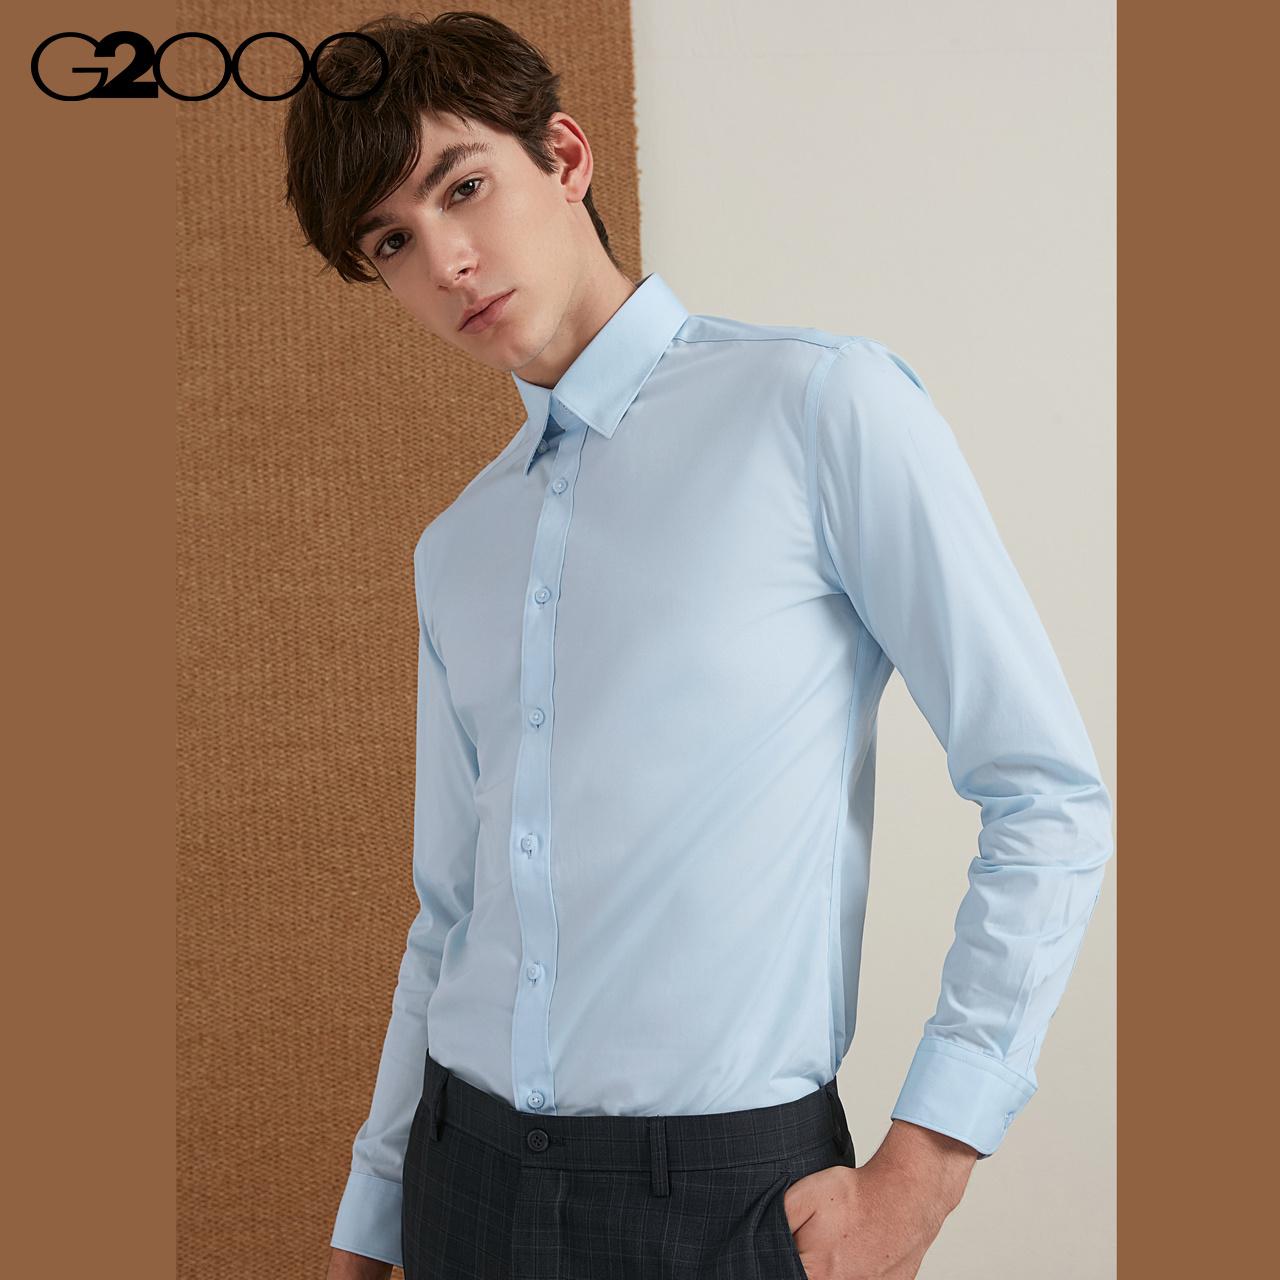 G2000衬衫男长袖防皱商务男装 工作休闲正装衣服修身薄款白色衬衣